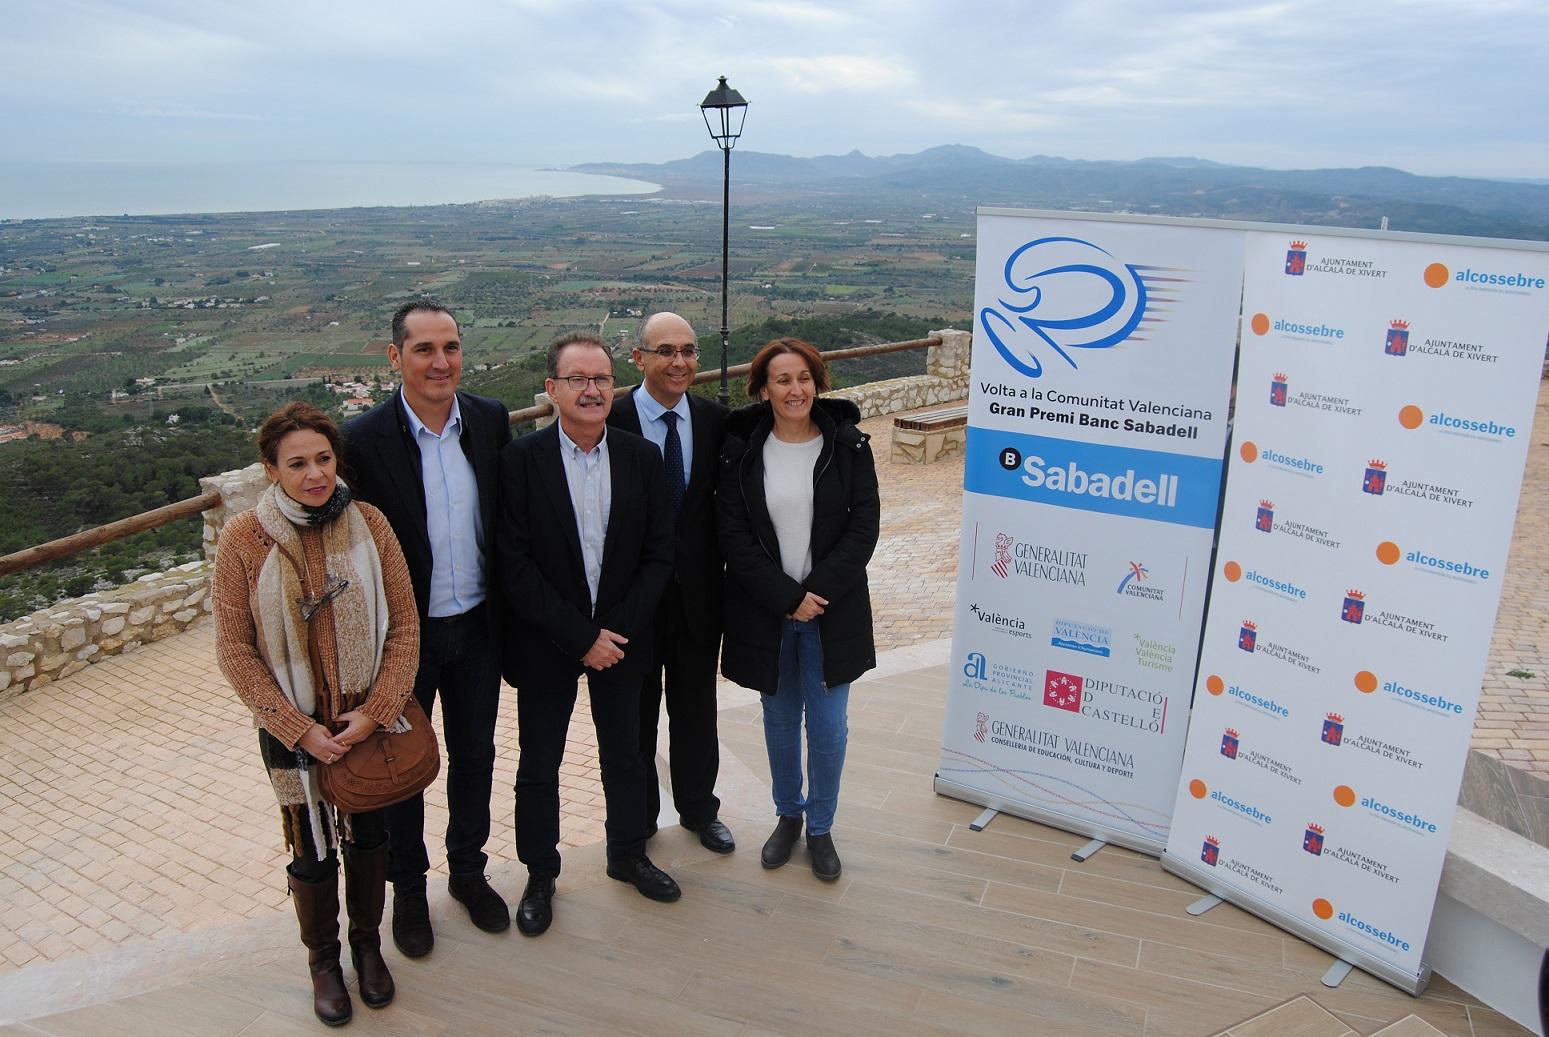 Alcalà, l'ermita de Santa Llúcia acollirà el final de la 4a etapa de la Volta a la Comunitat Valenciana